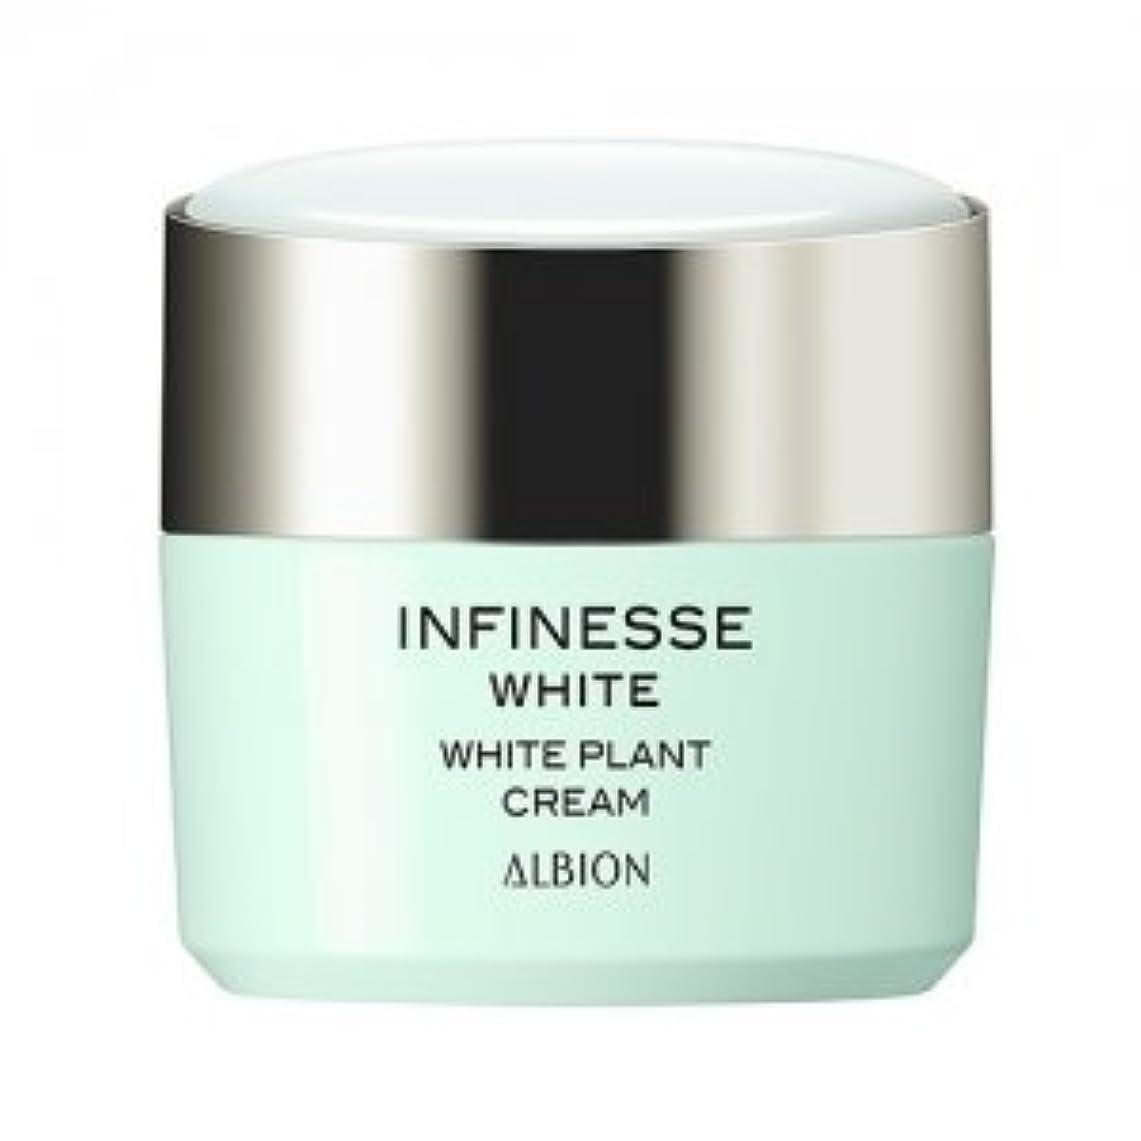 引退するより良い資金アルビオン アンフィネスホワイト ホワイト プラント クリーム 30g